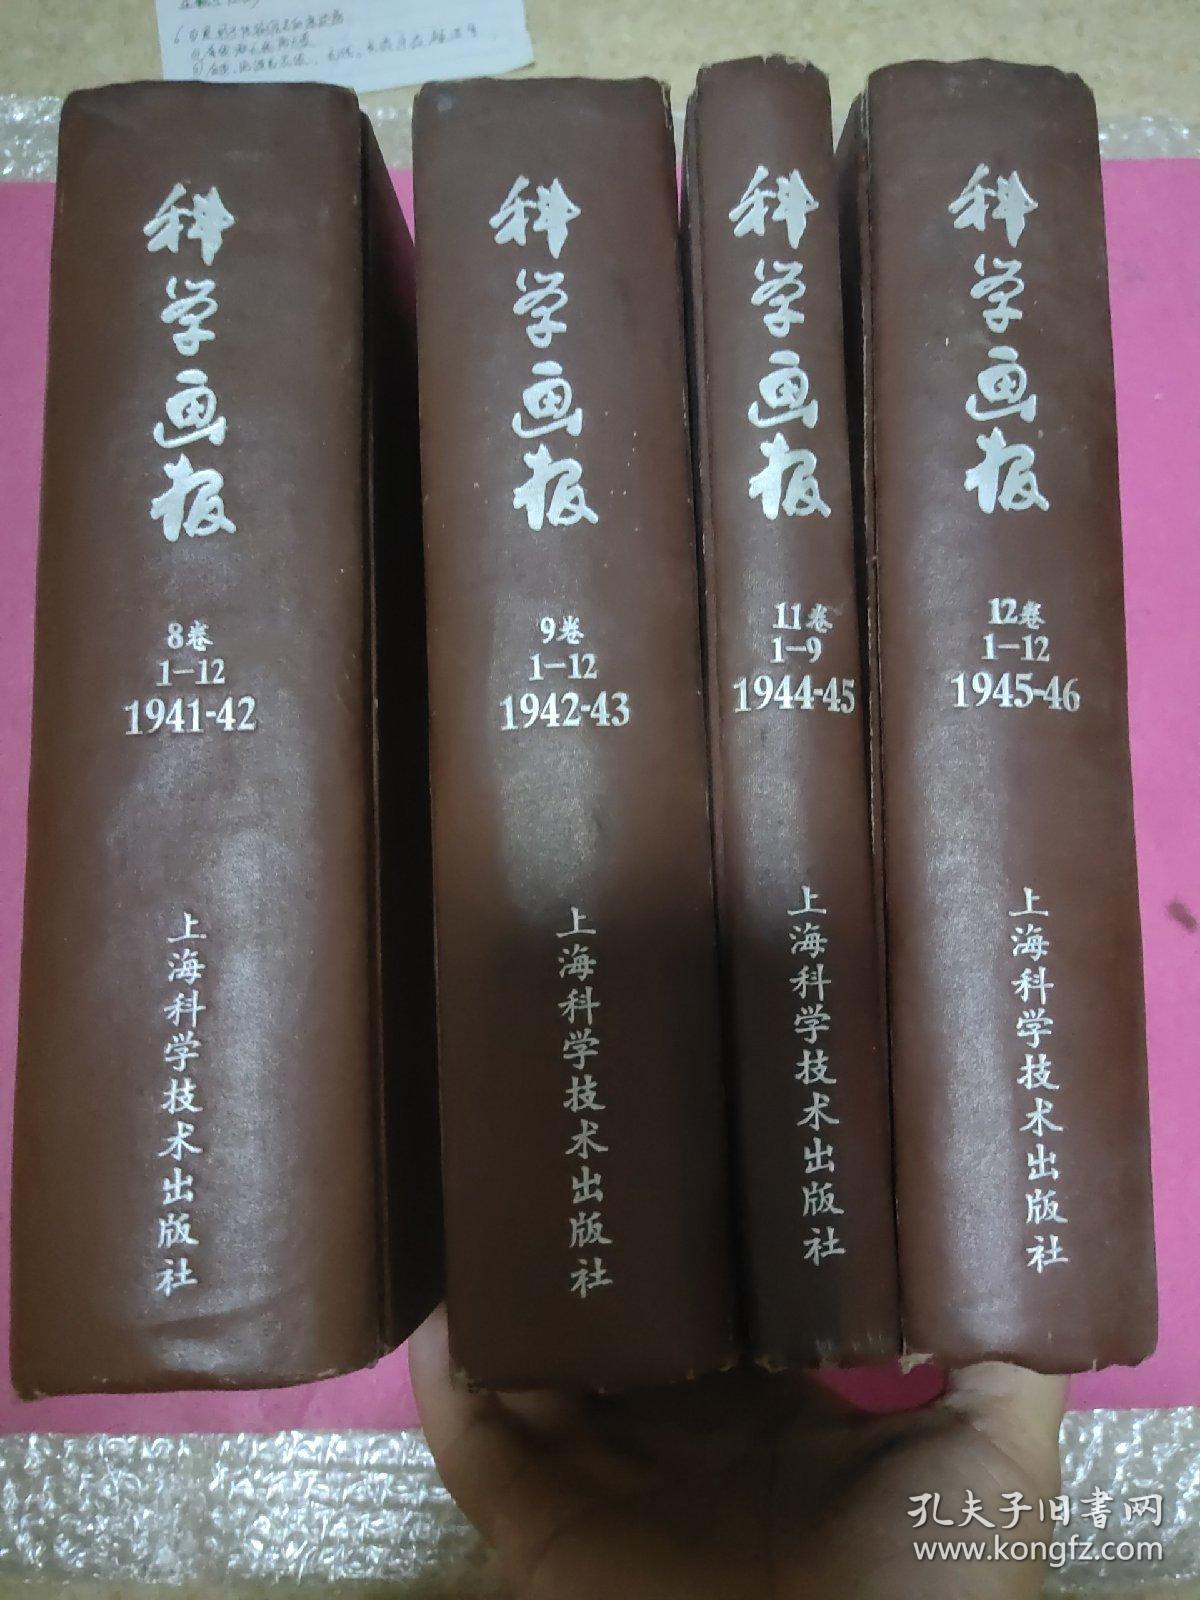 科学画报(1941、1942、1944、1945年。第8、9、11、12卷)合订本。